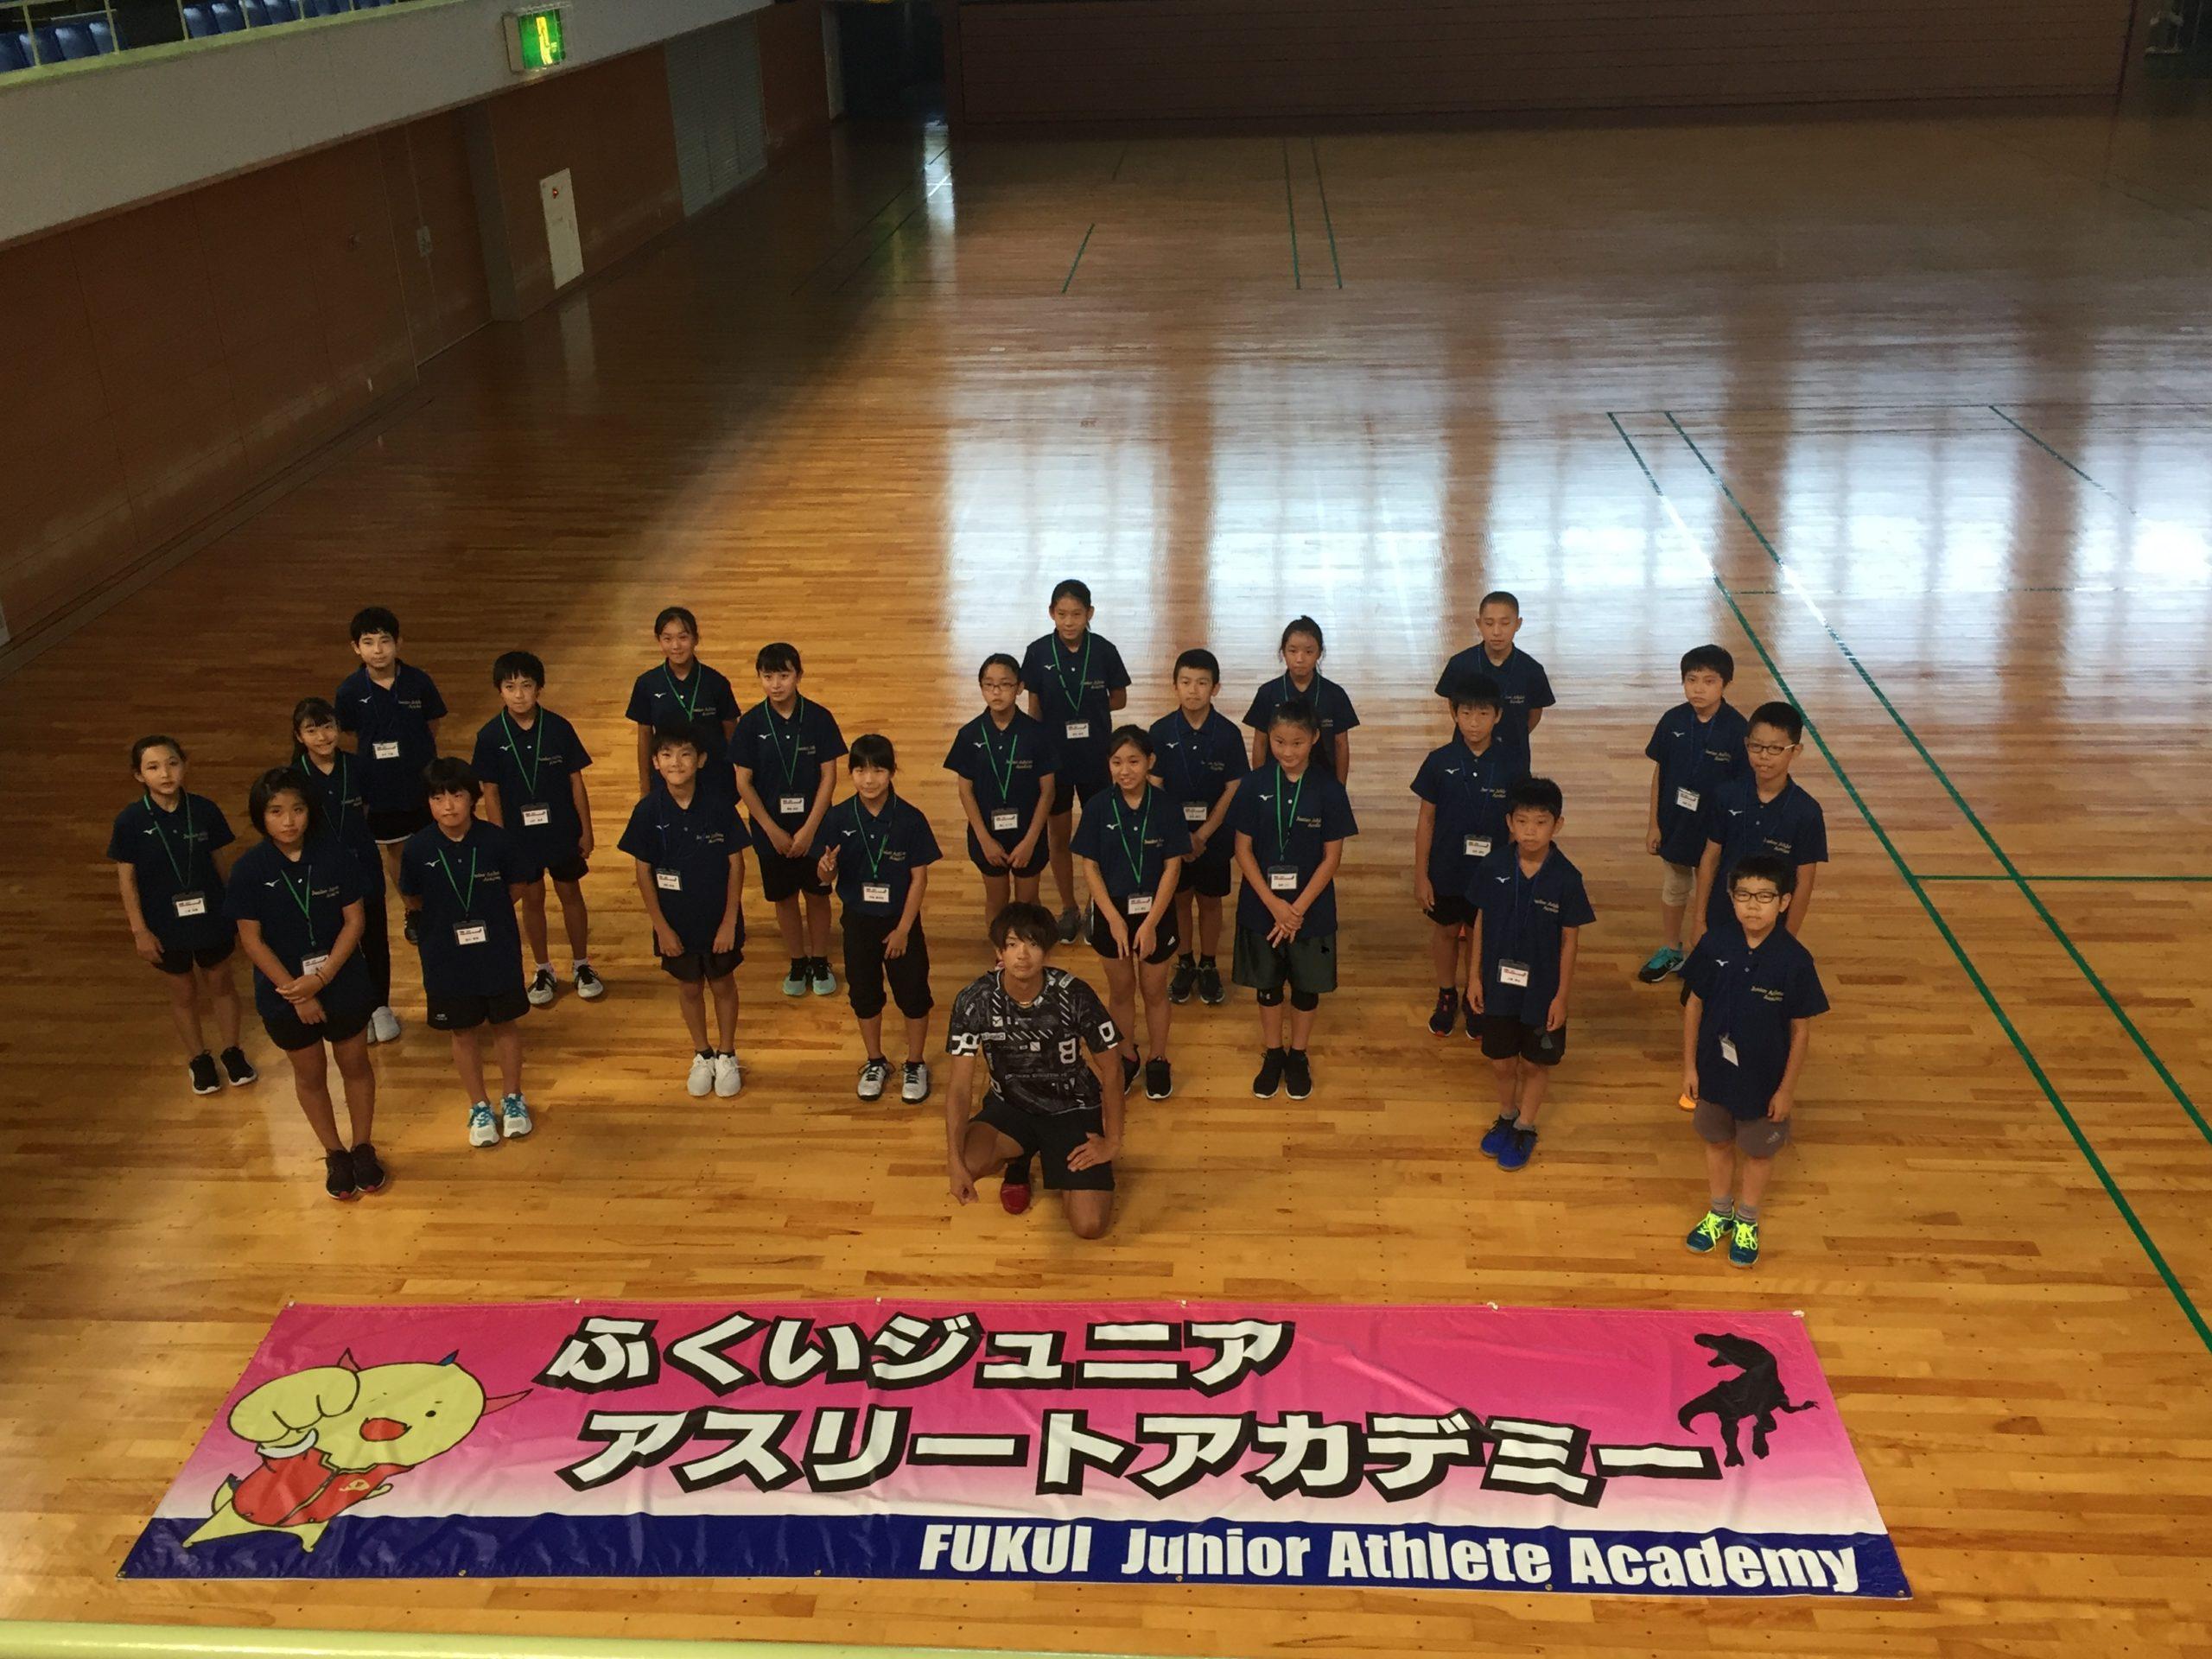 【110mH】金井大旺が福井県で講演 小学生に向けてエール